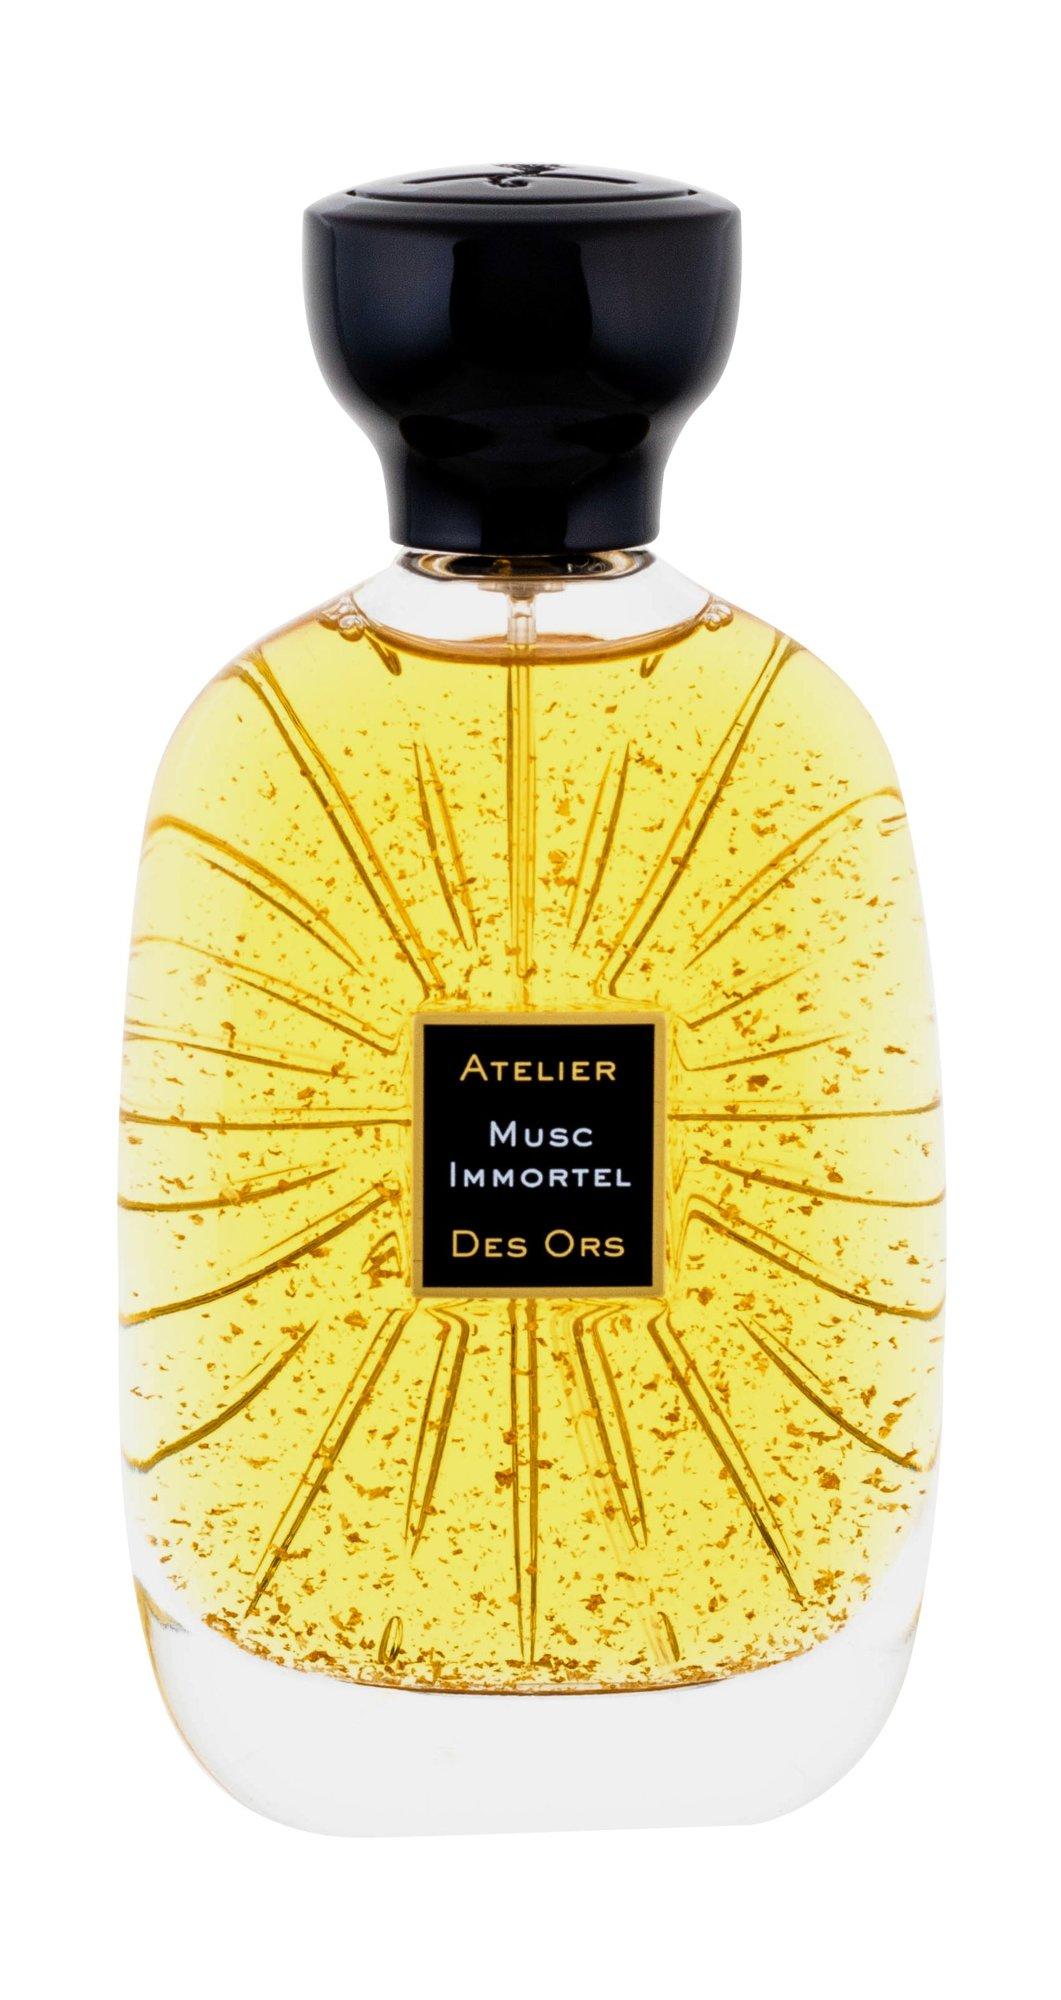 Atelier des Ors Musc Immortel Eau de Parfum 100ml